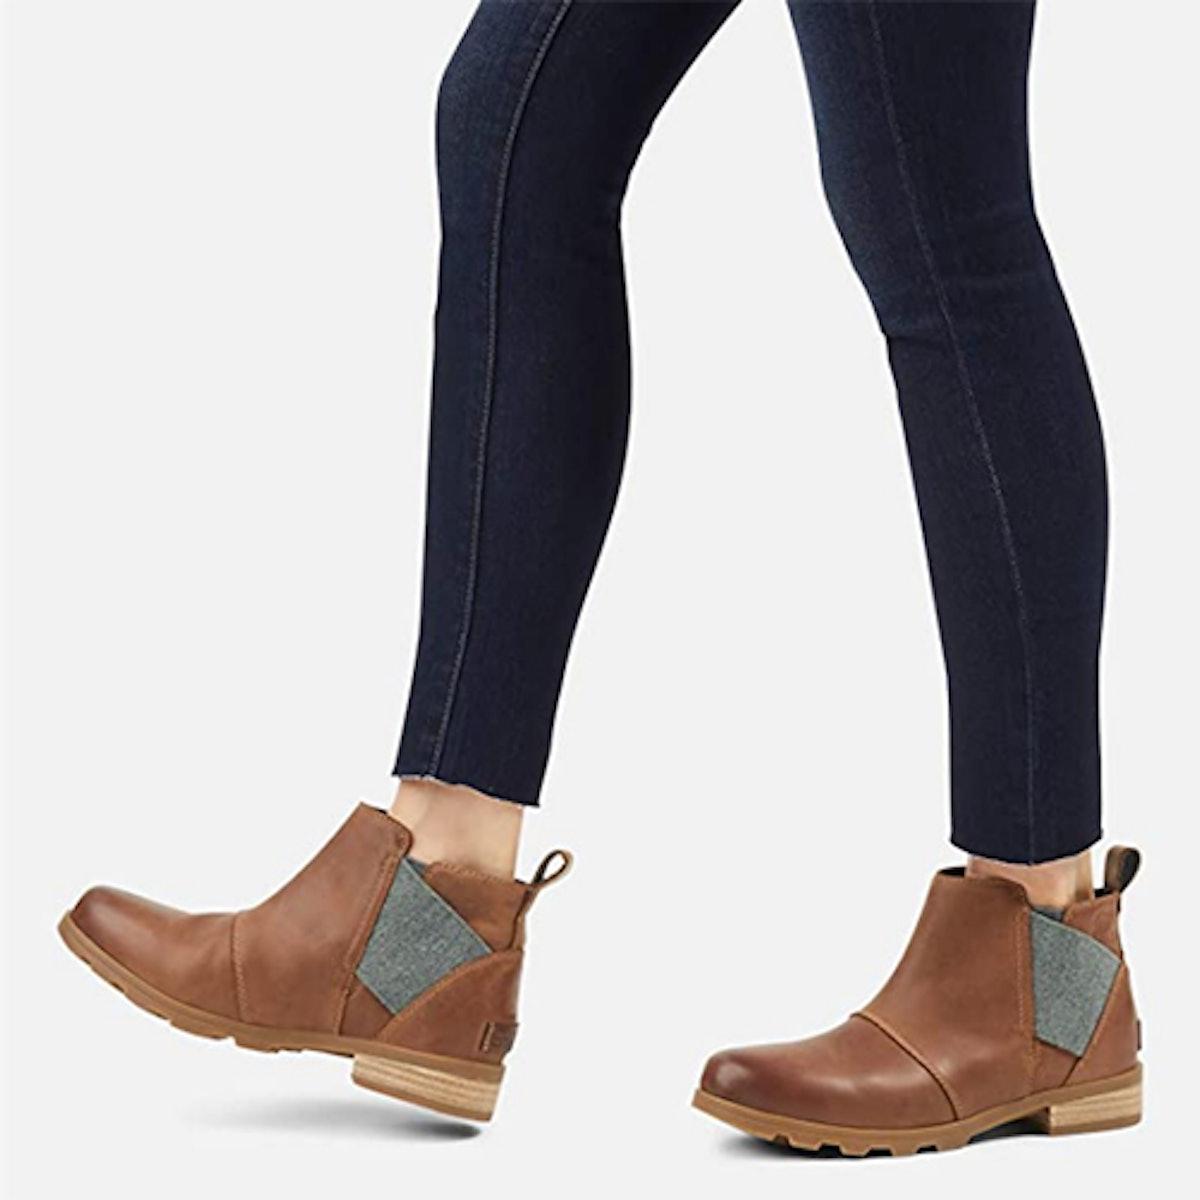 Sorel Emelie Waterproof Ankle Boots